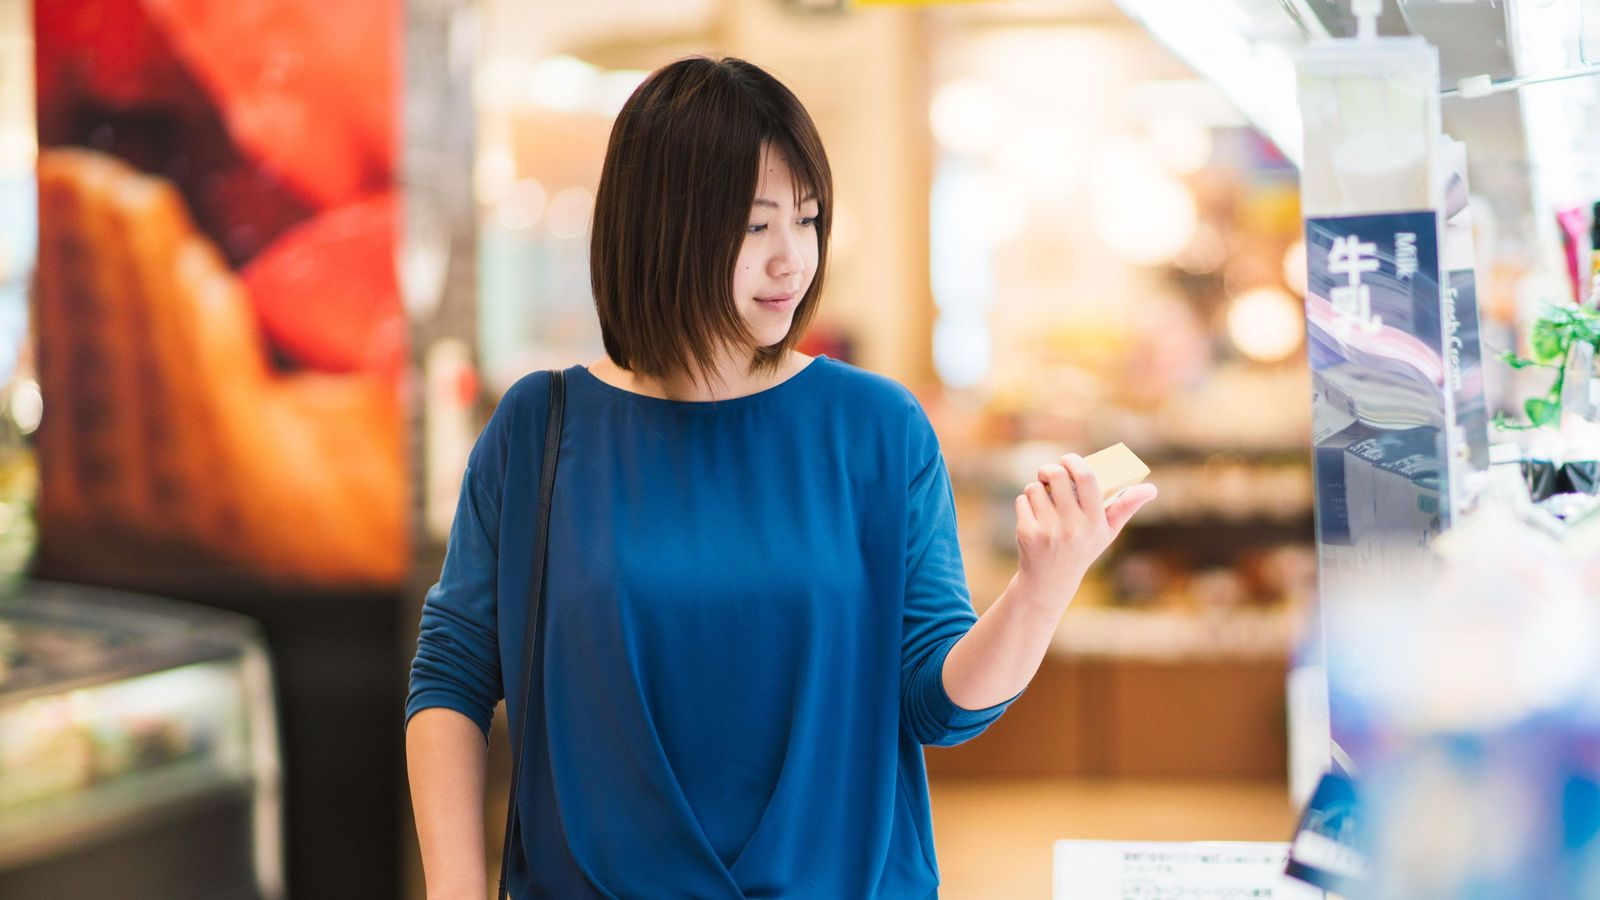 """消費税10%をテコに客をおびき寄せる賢い戦略  """"巧みな価格設定""""で消費者を誘惑"""